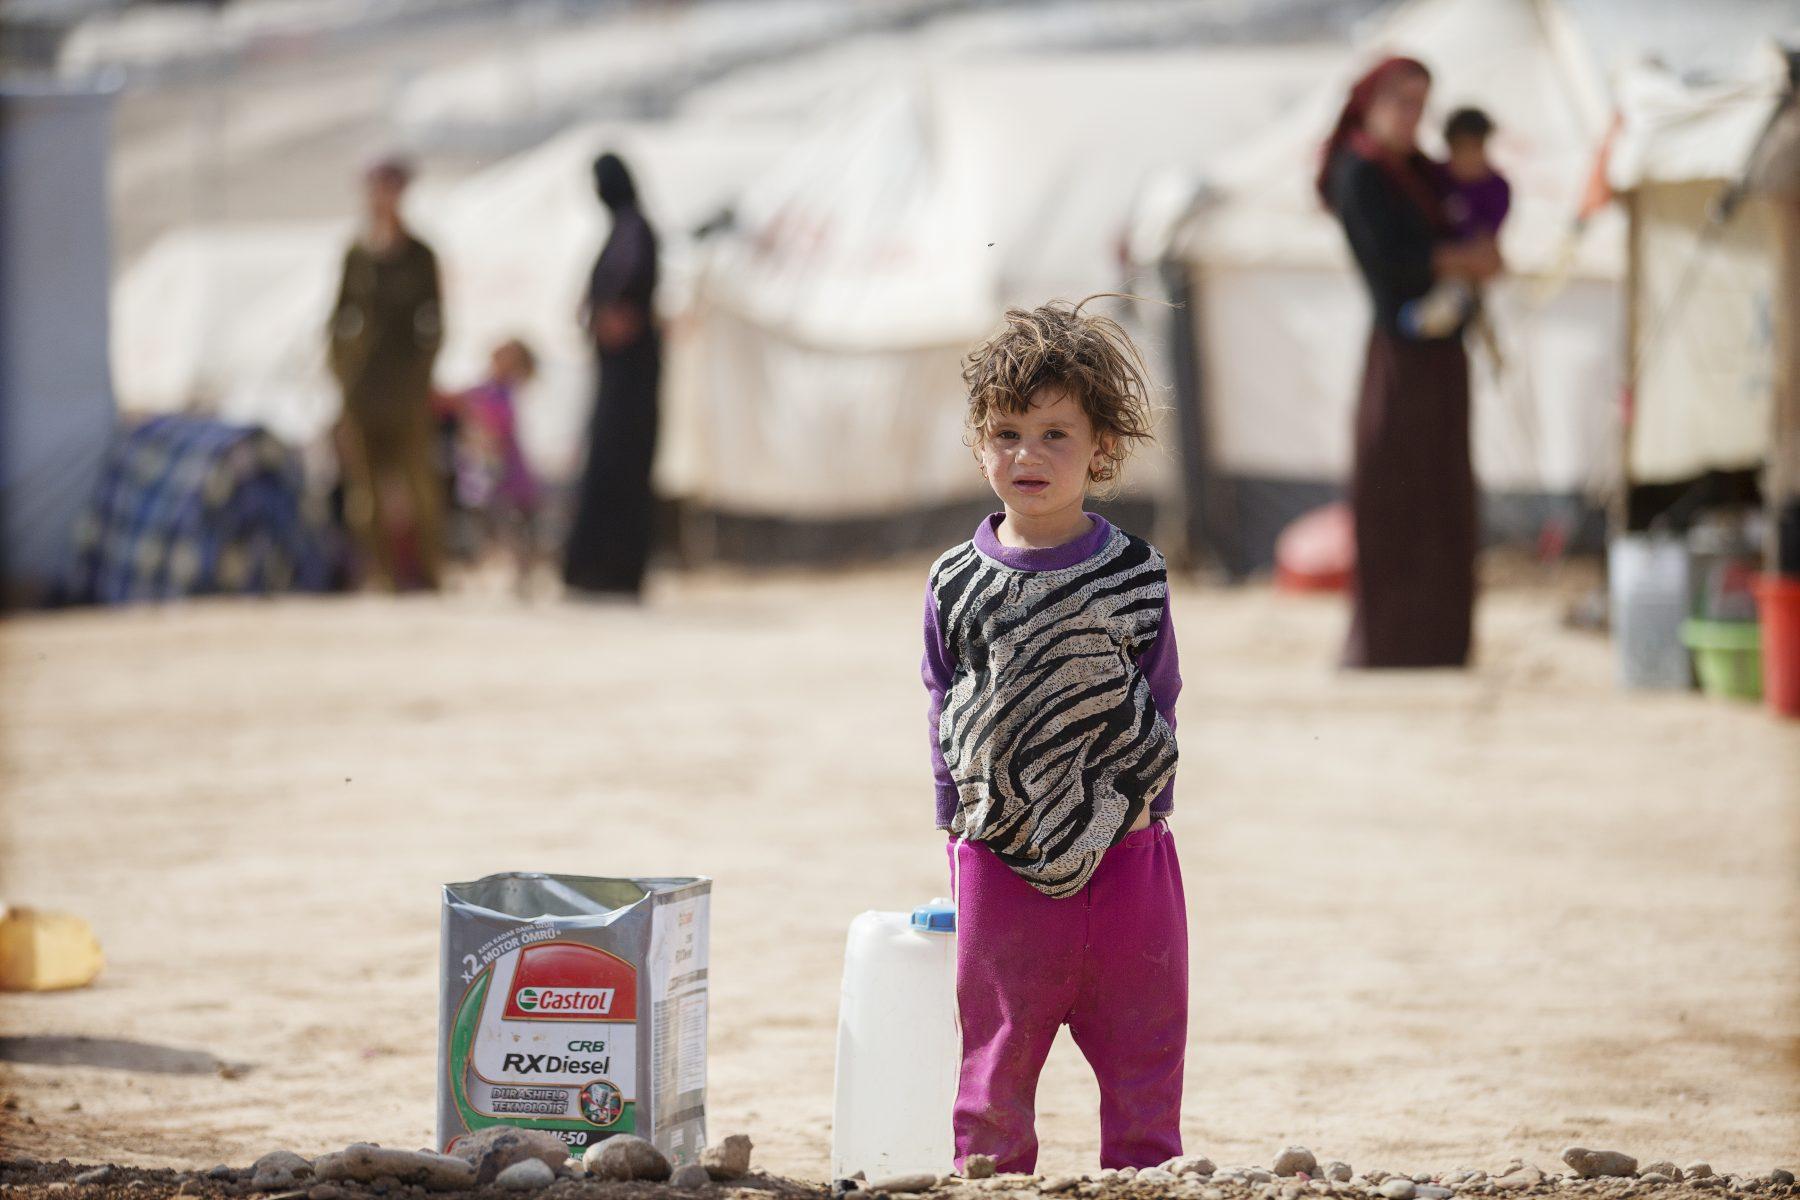 Moeten we kinderen van Syriëgangers terughalen of niet?